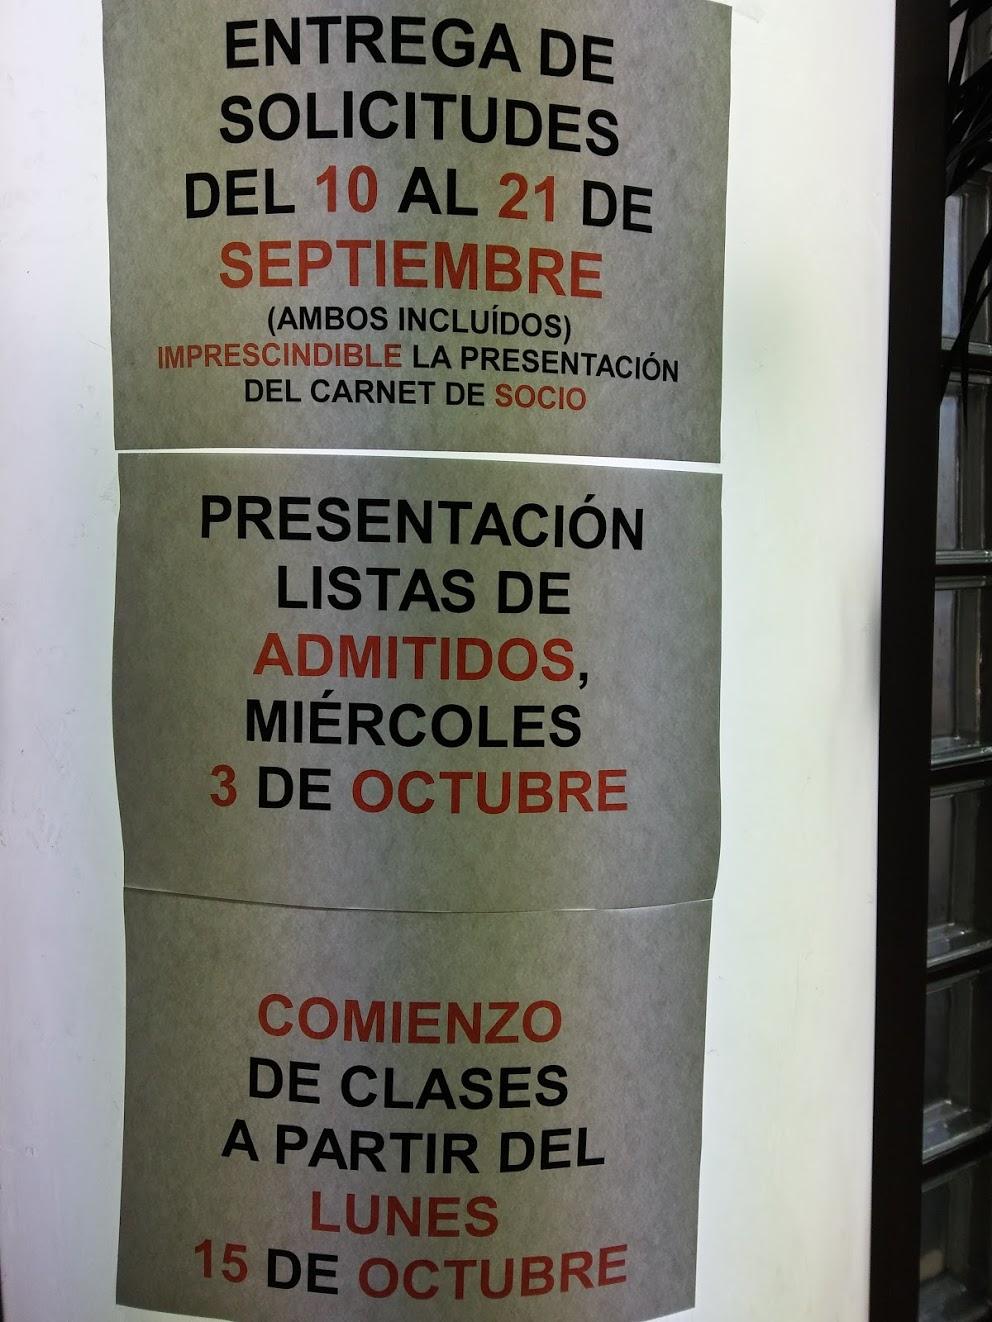 Entrega_solicitudes_talleres